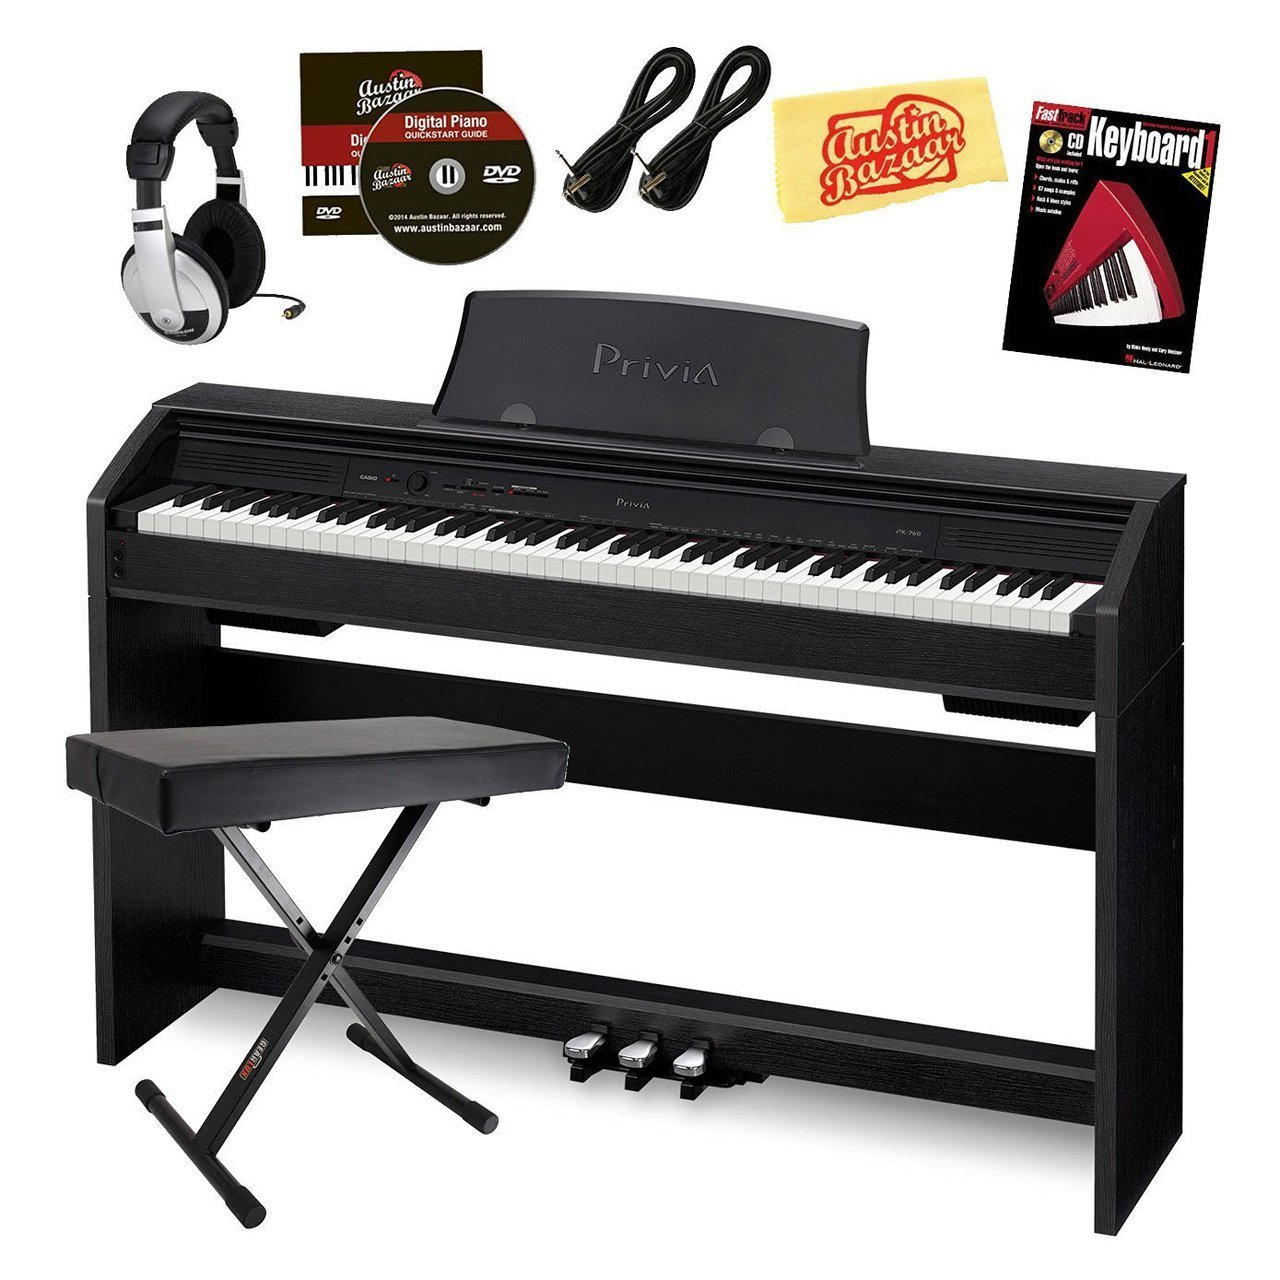 Specs & Features Of Casio PX 760 Privia Digital Piano